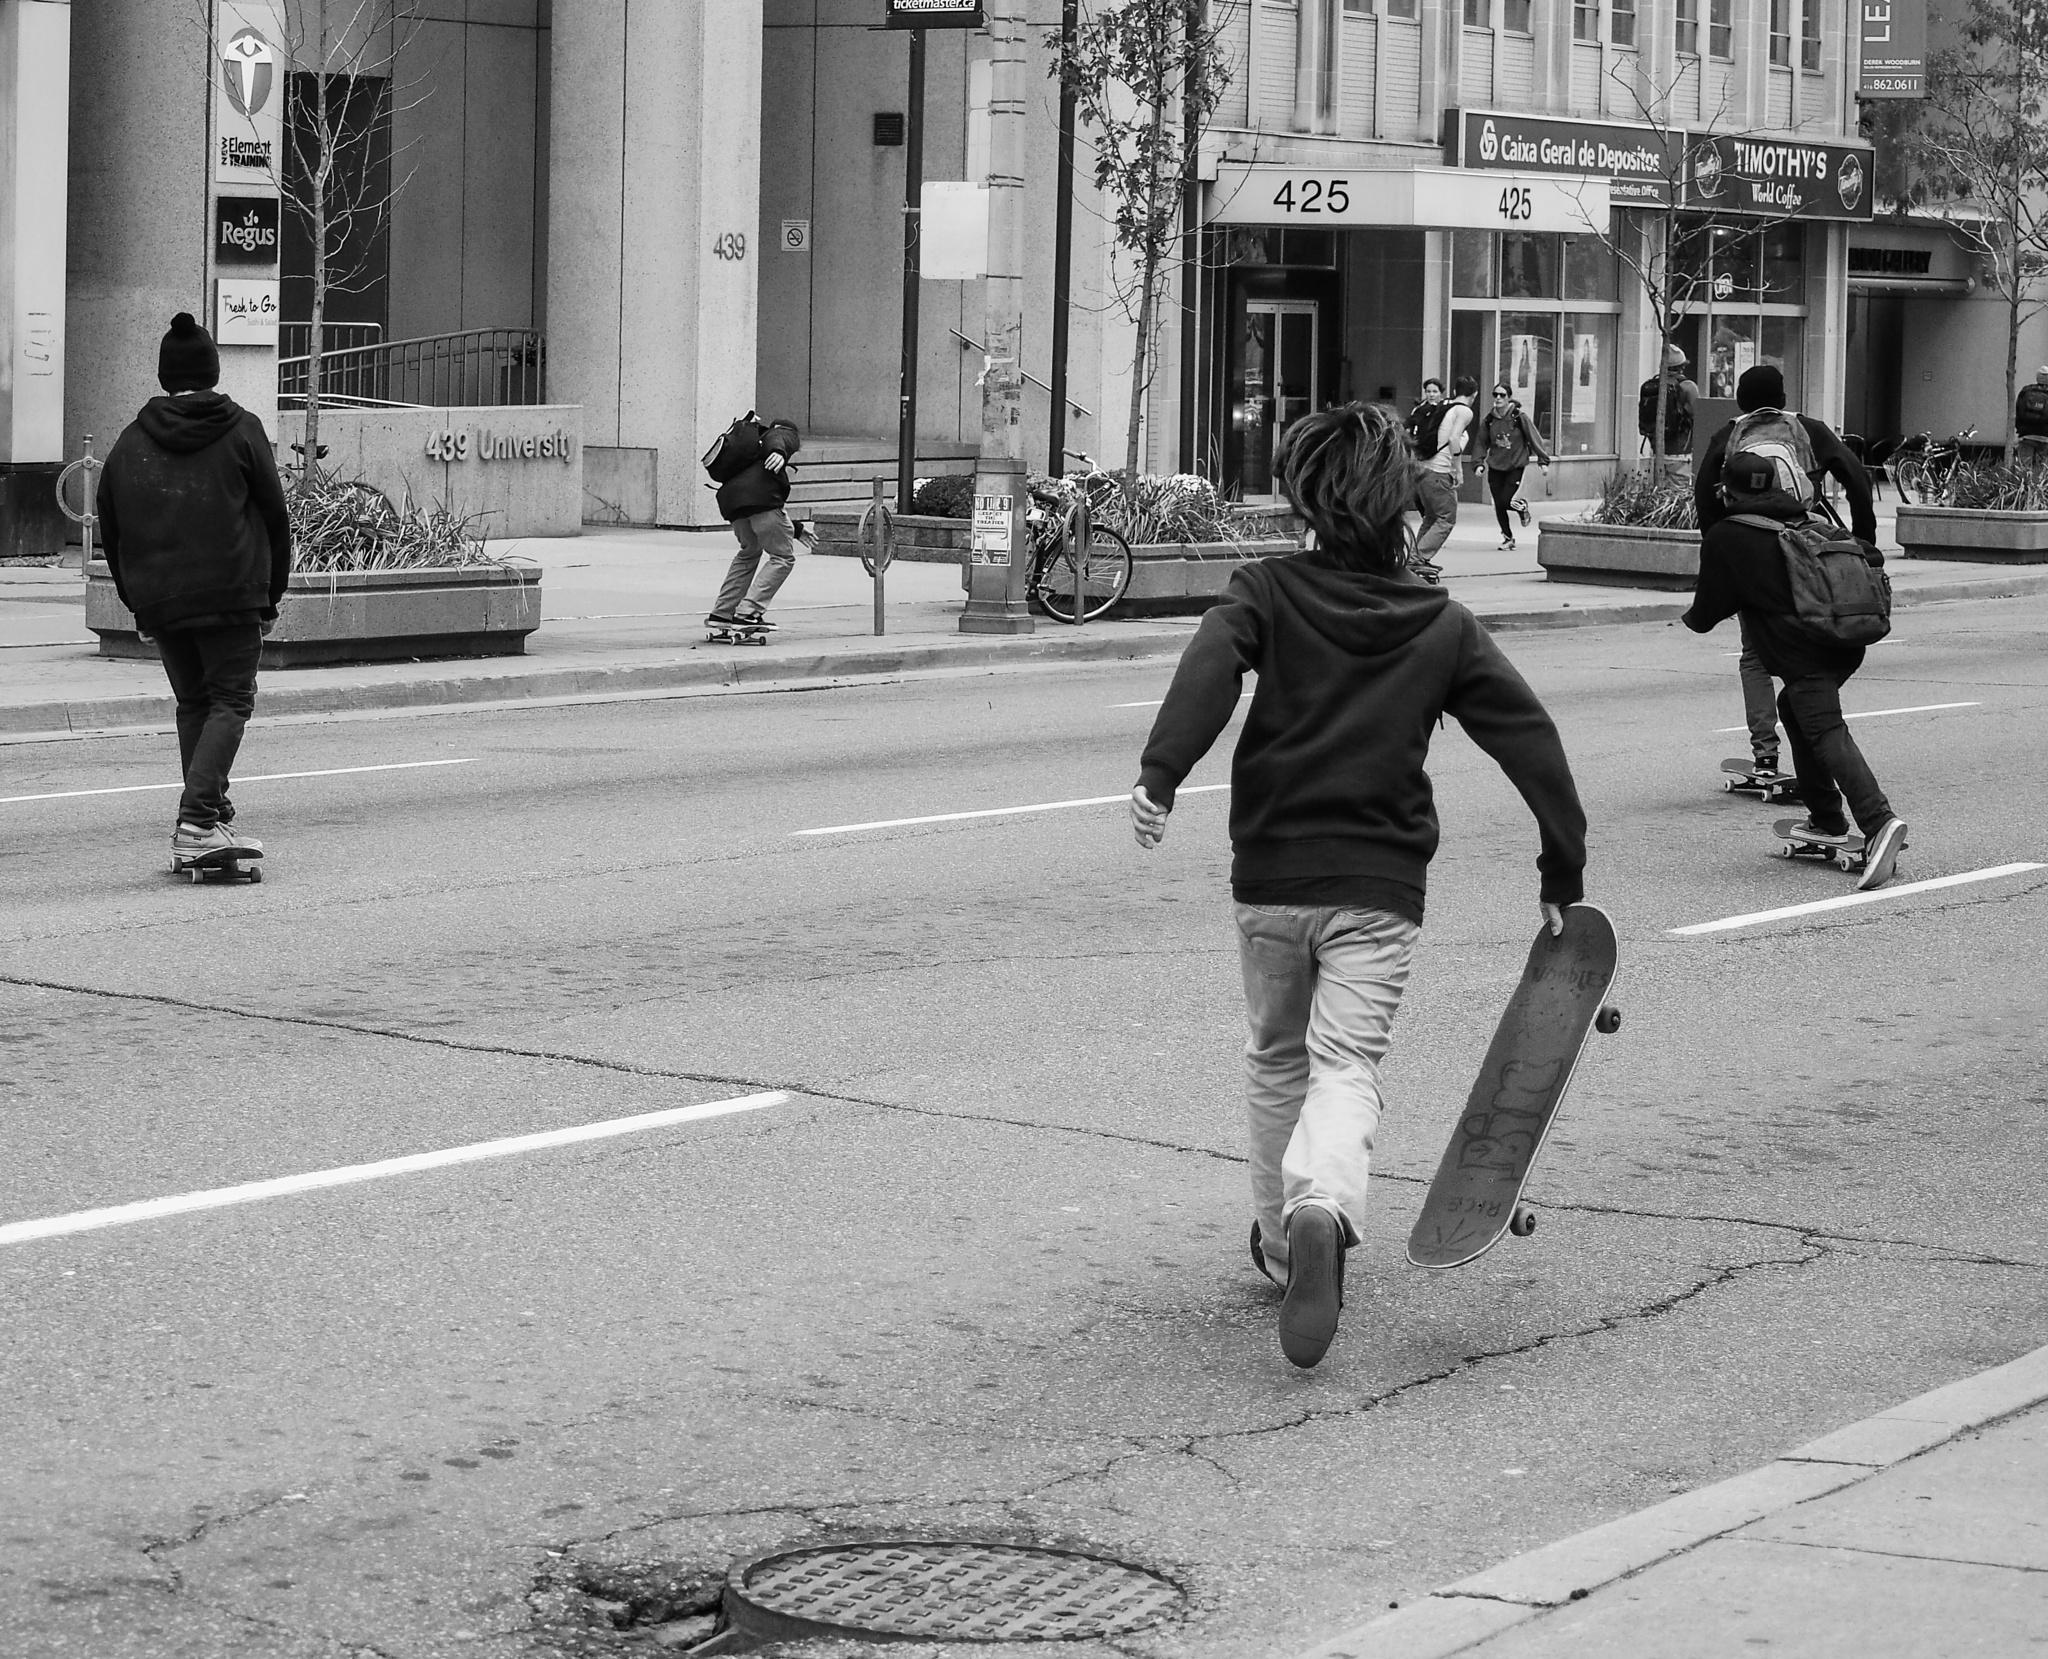 Skater Boyz by Po Wong